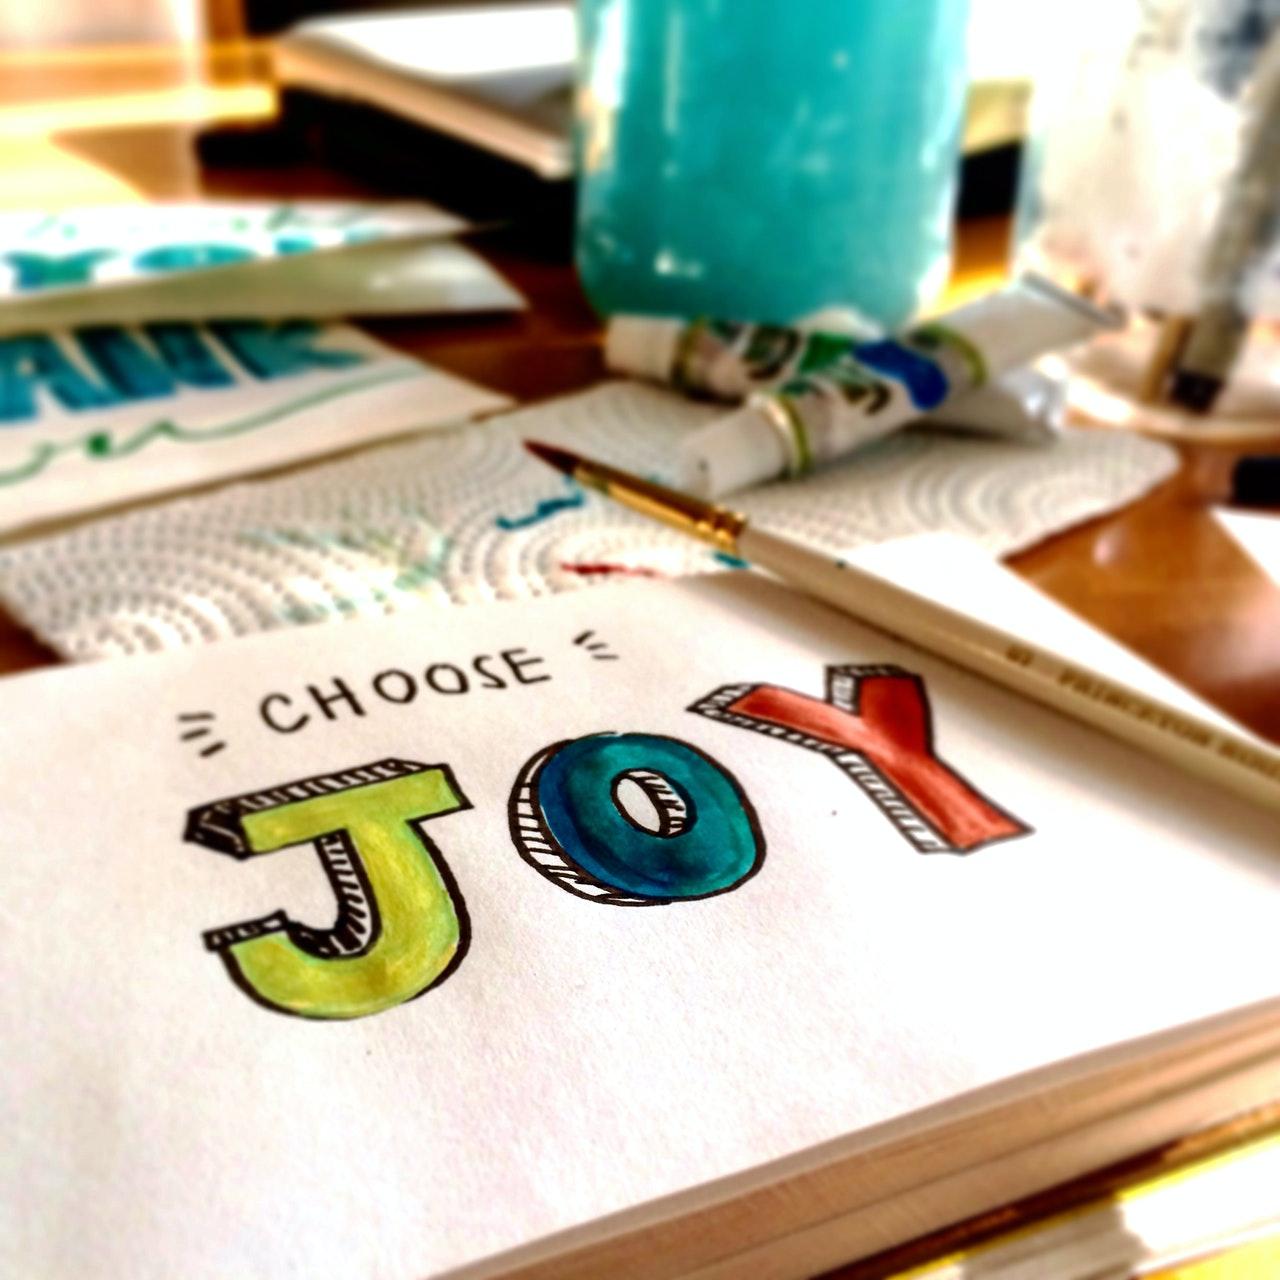 Comment être joyeux et choisir la joie